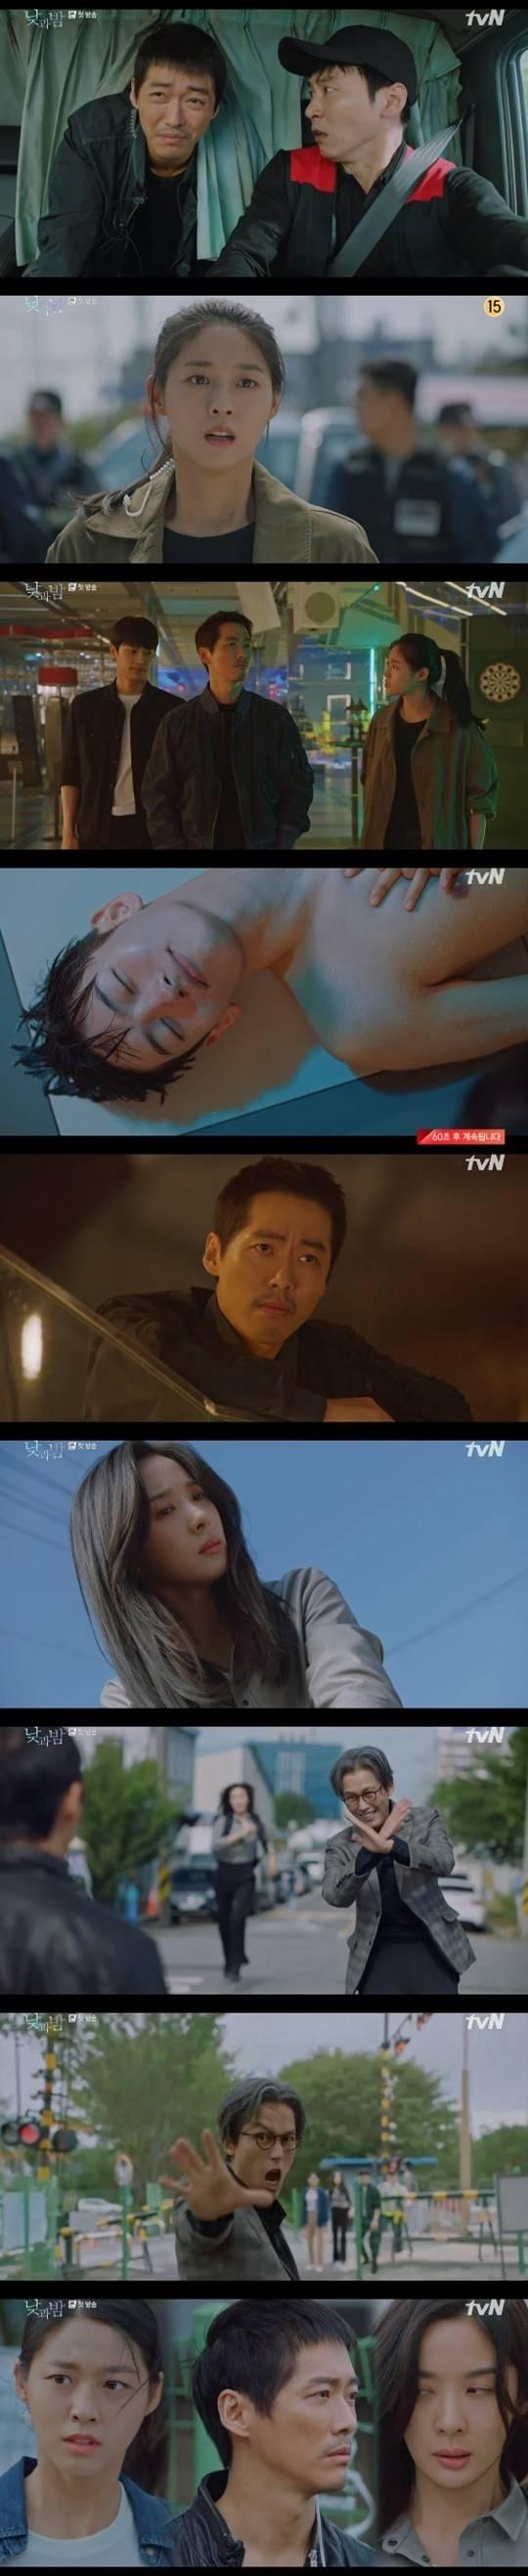 방금 첫방송한 tvN 월화드라마.jpg   인스티즈